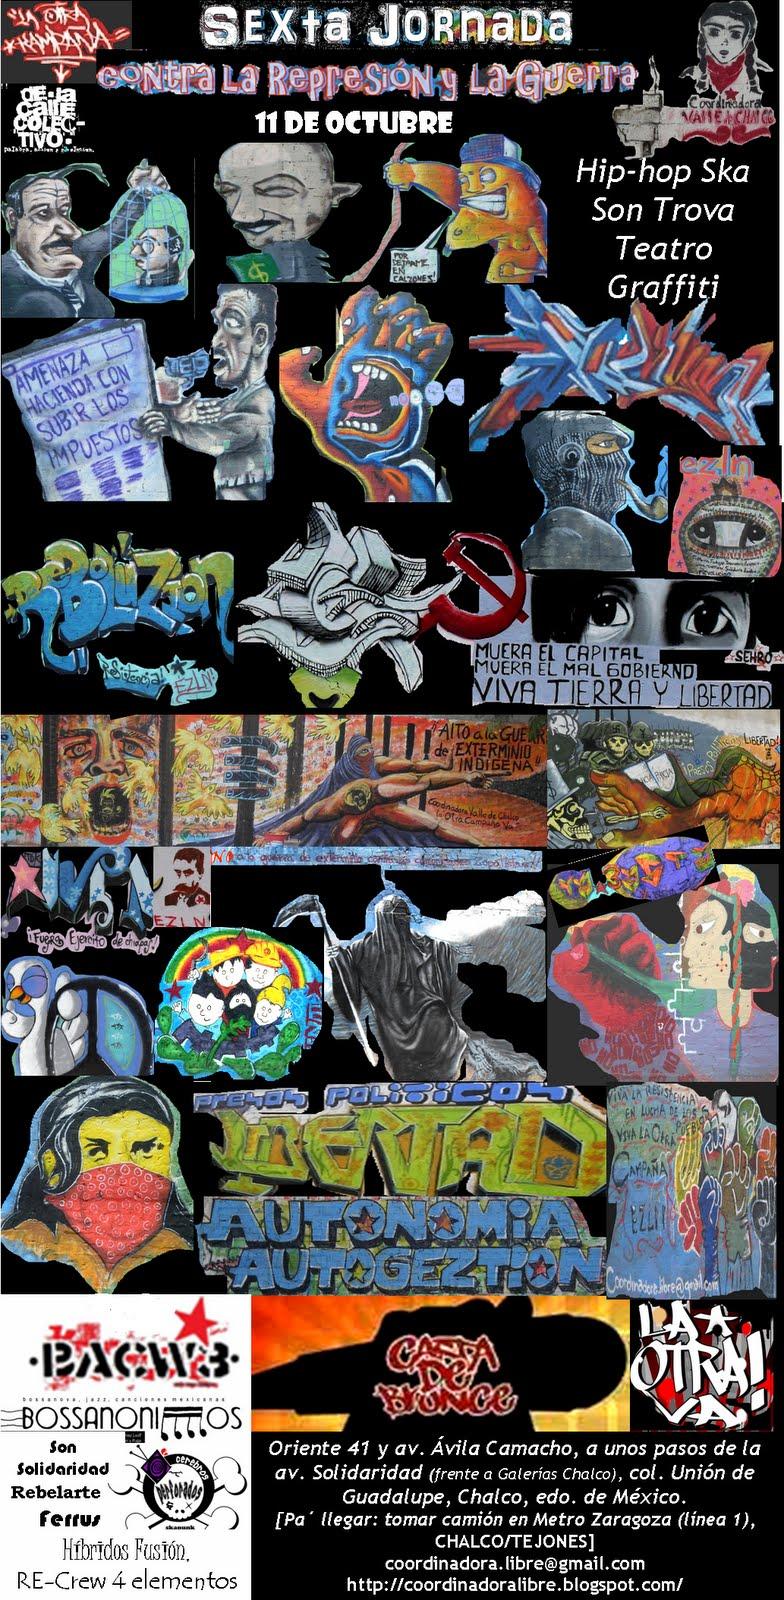 [Cartel+Sexta+Jornada+de+Murales+contra+la+Represión+y+la+Guerra-Graffiti-Resistencia-calle-La+otra+campaña.bmp]